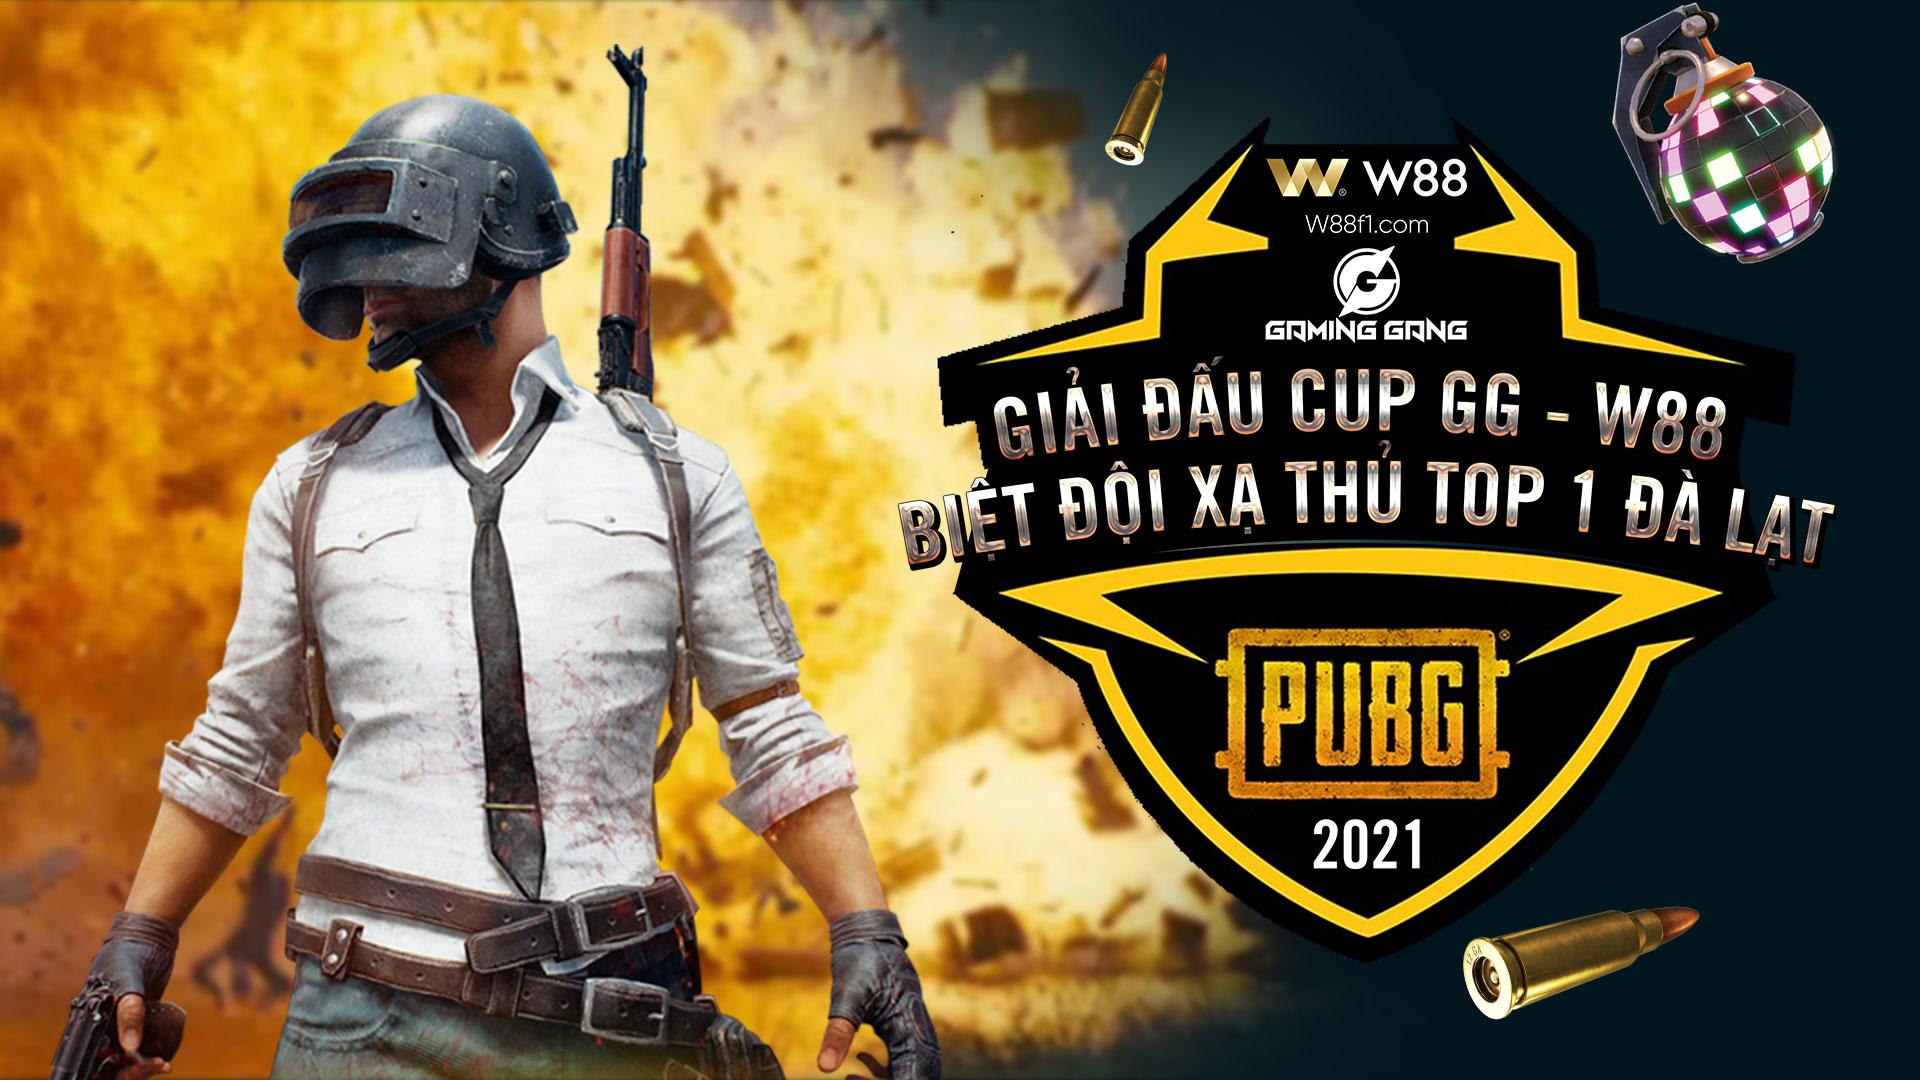 GIẢI ĐẤU PUBG CUP W88 – GAMING GANG KẾT THÚC TỐT ĐẸP!